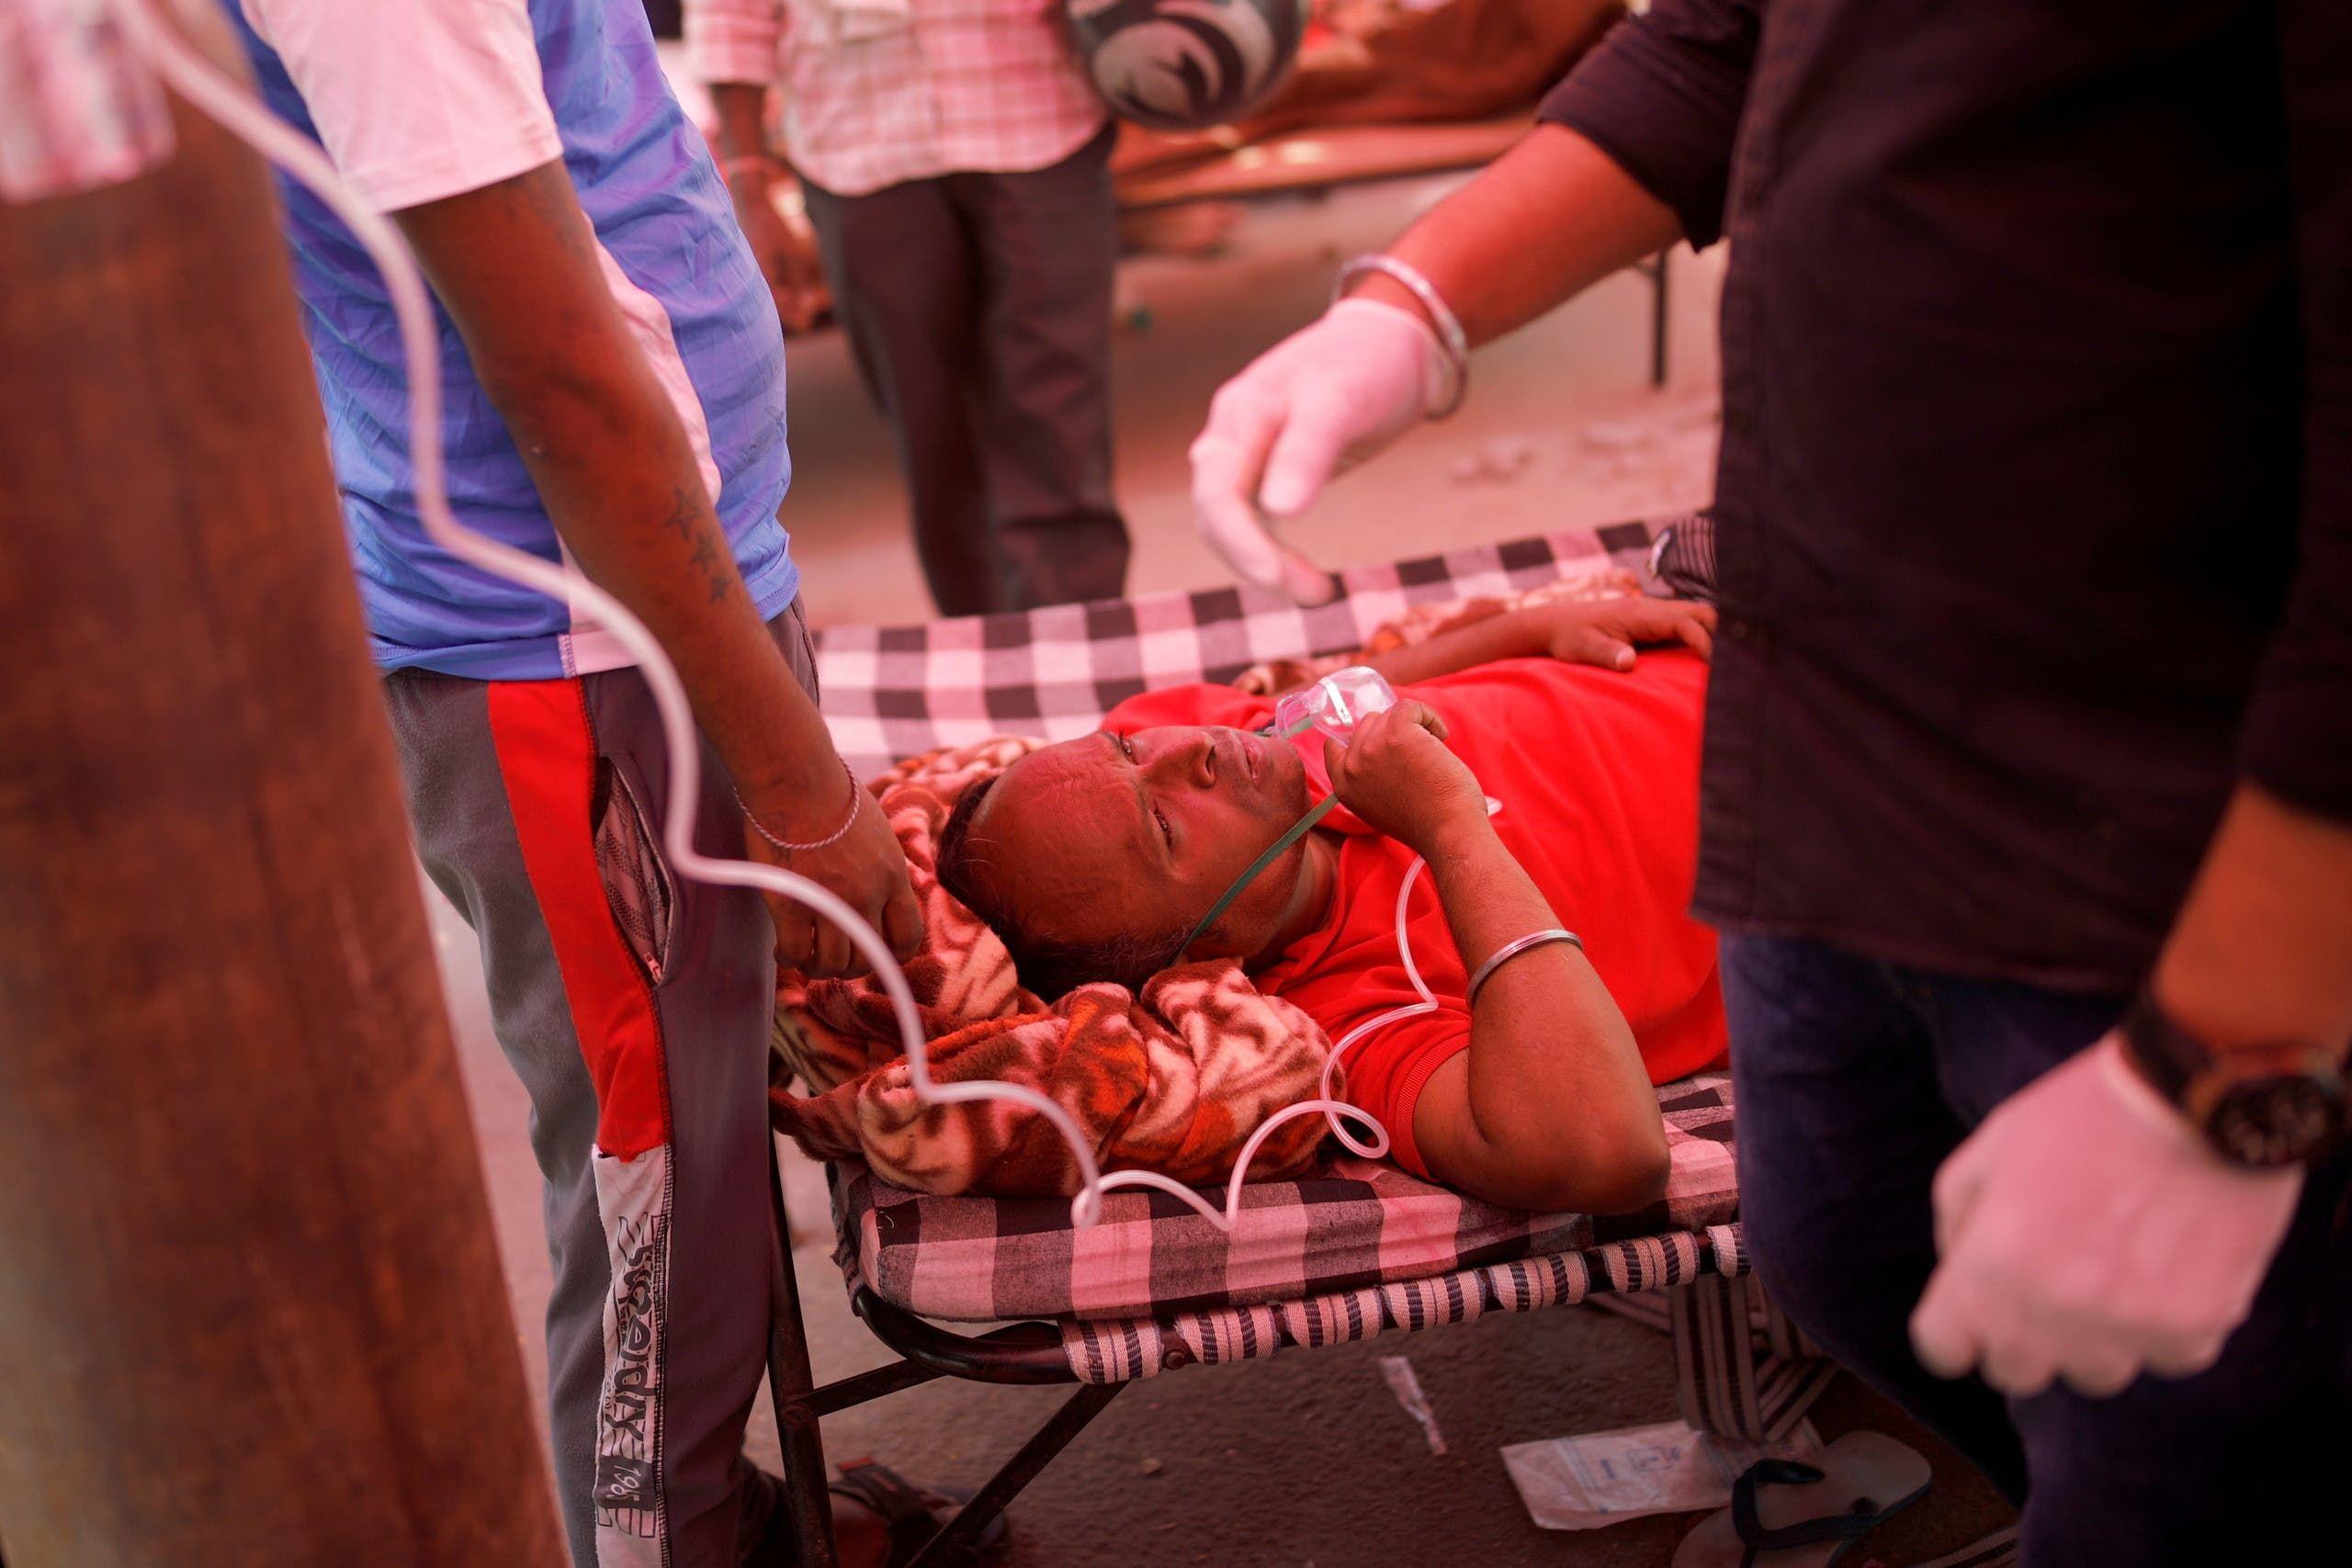 أحد المصابين بكورونا في الهند